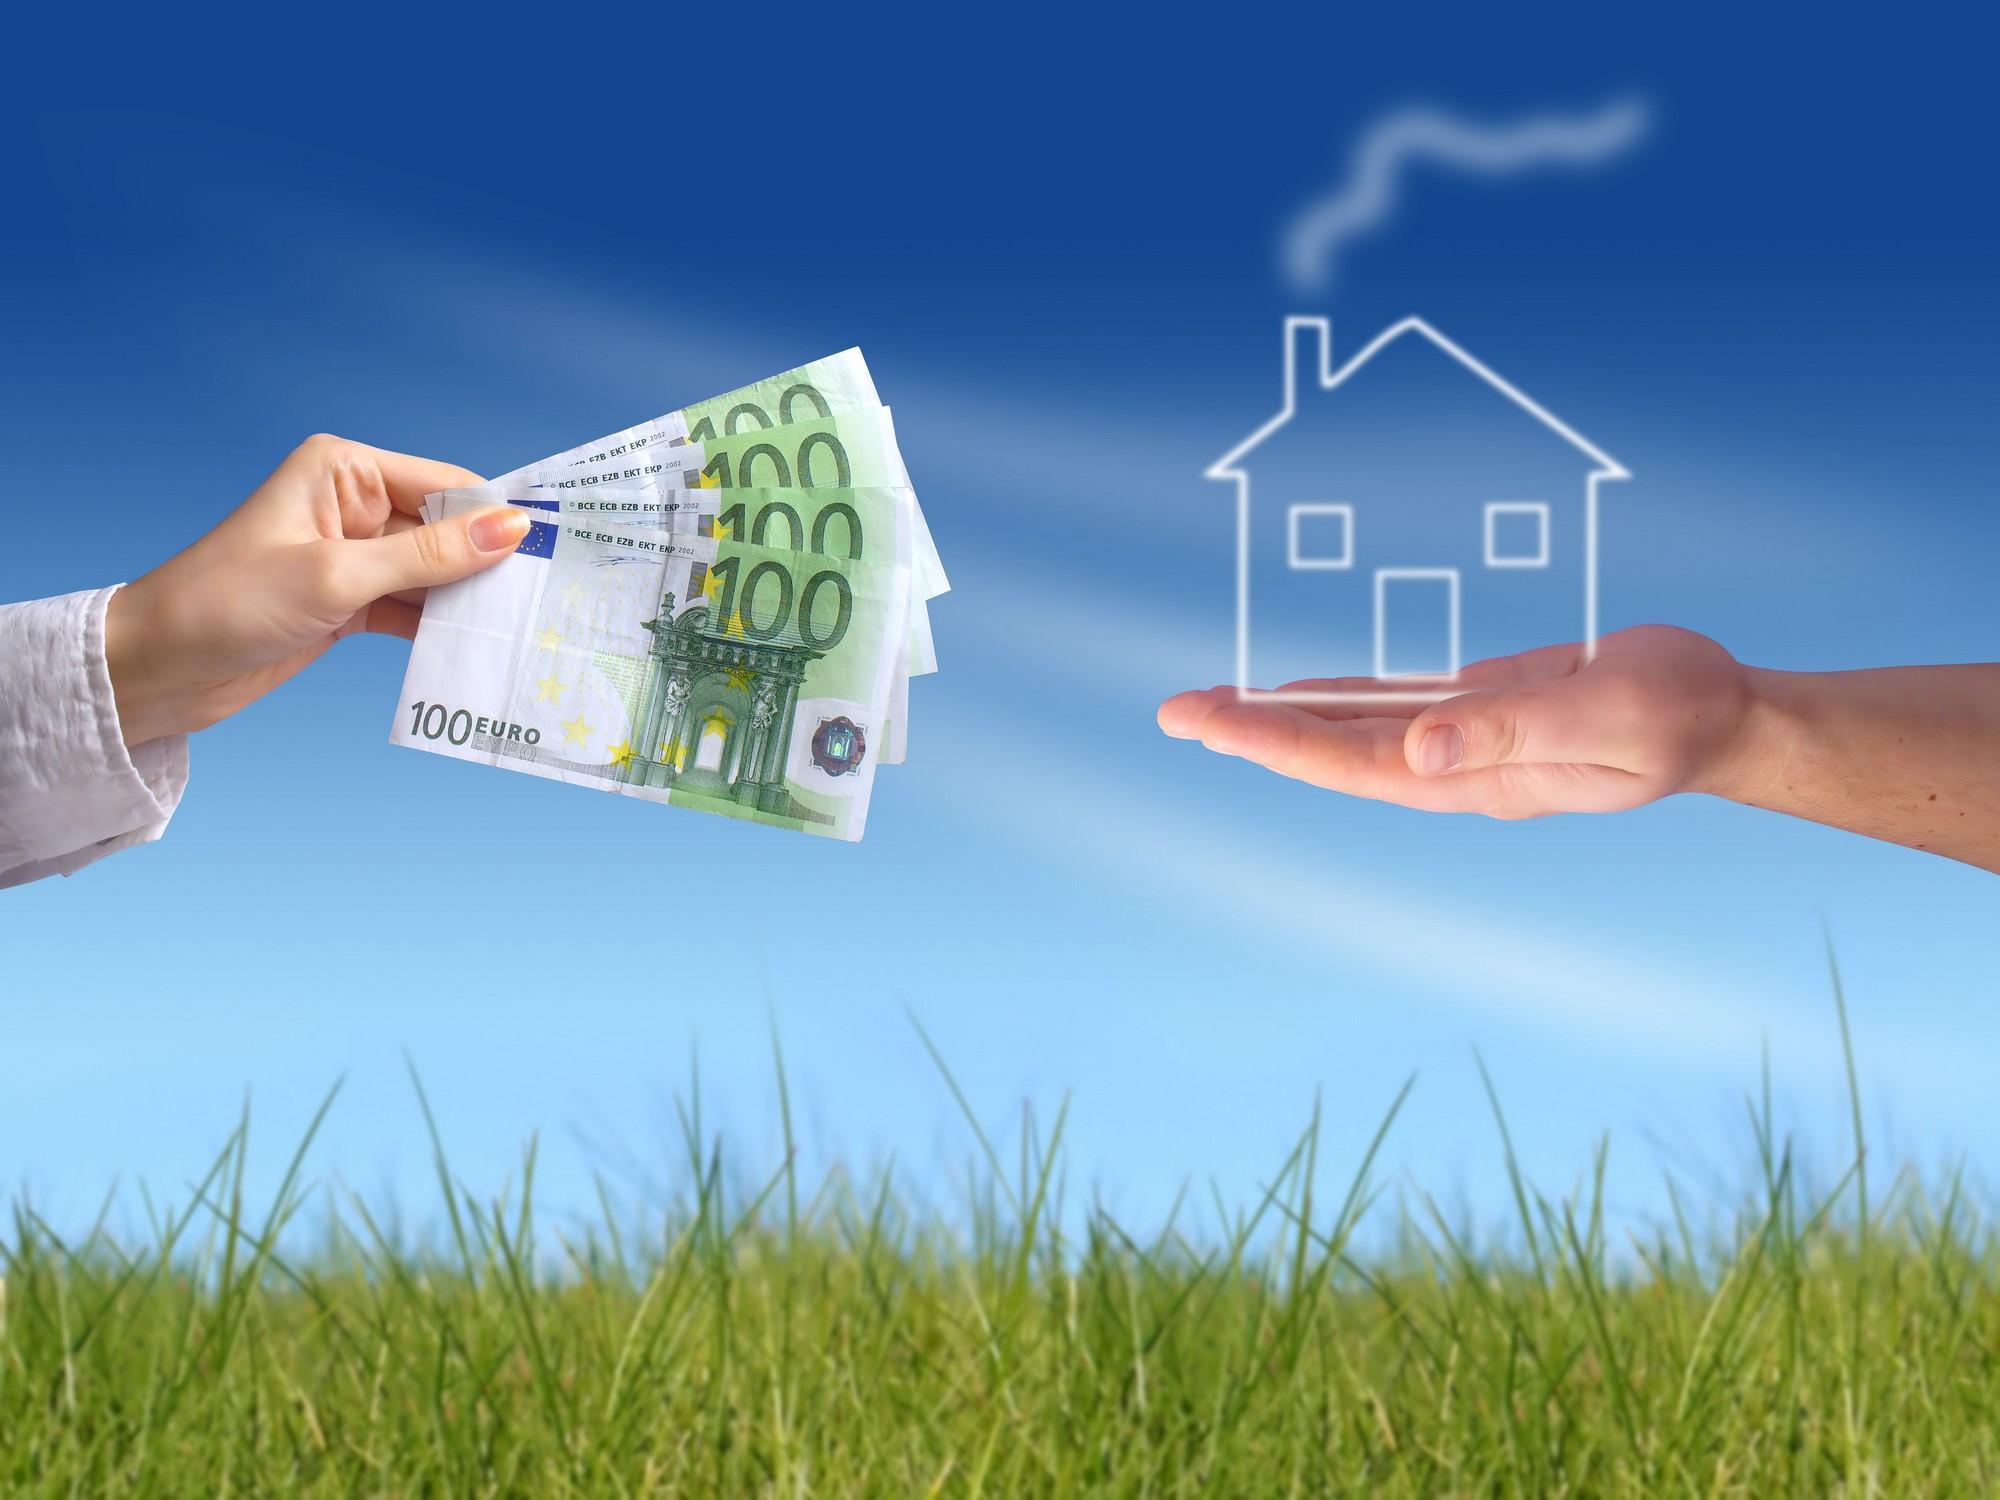 Achat immobilier : Quelle est la marche à suivre simple et facile pour devenir propriétaire d'un bien immobilier ?